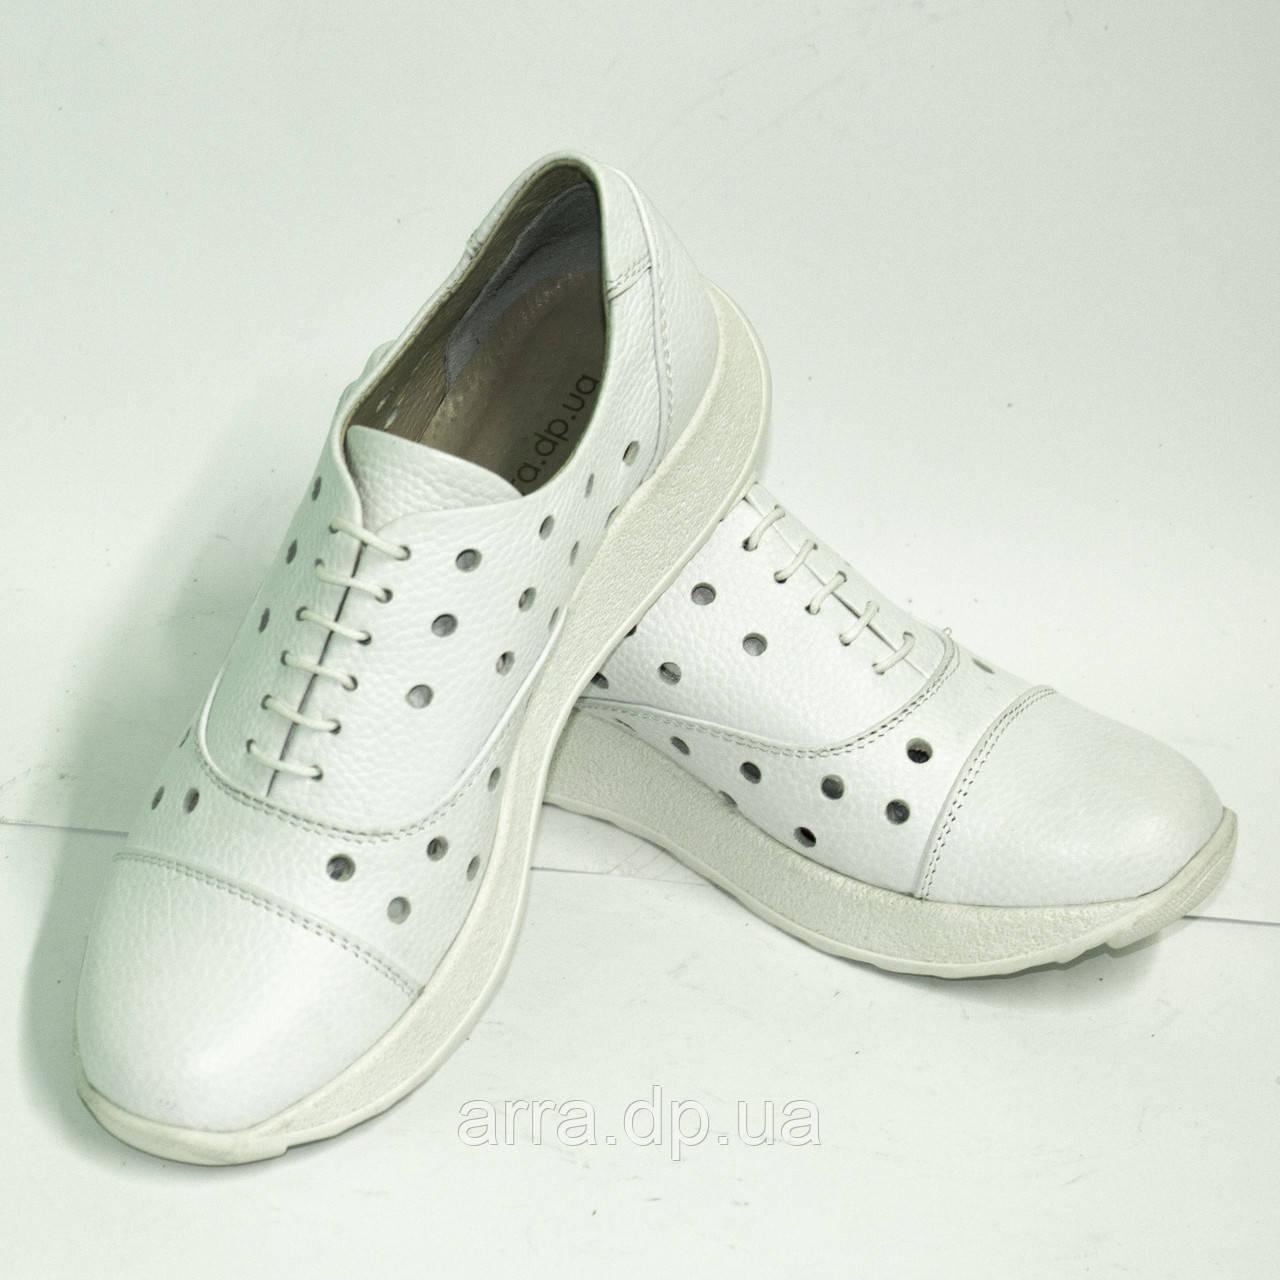 """Белые женские кожаные туфли на спортивной подошве ТМ """"ARRA"""""""